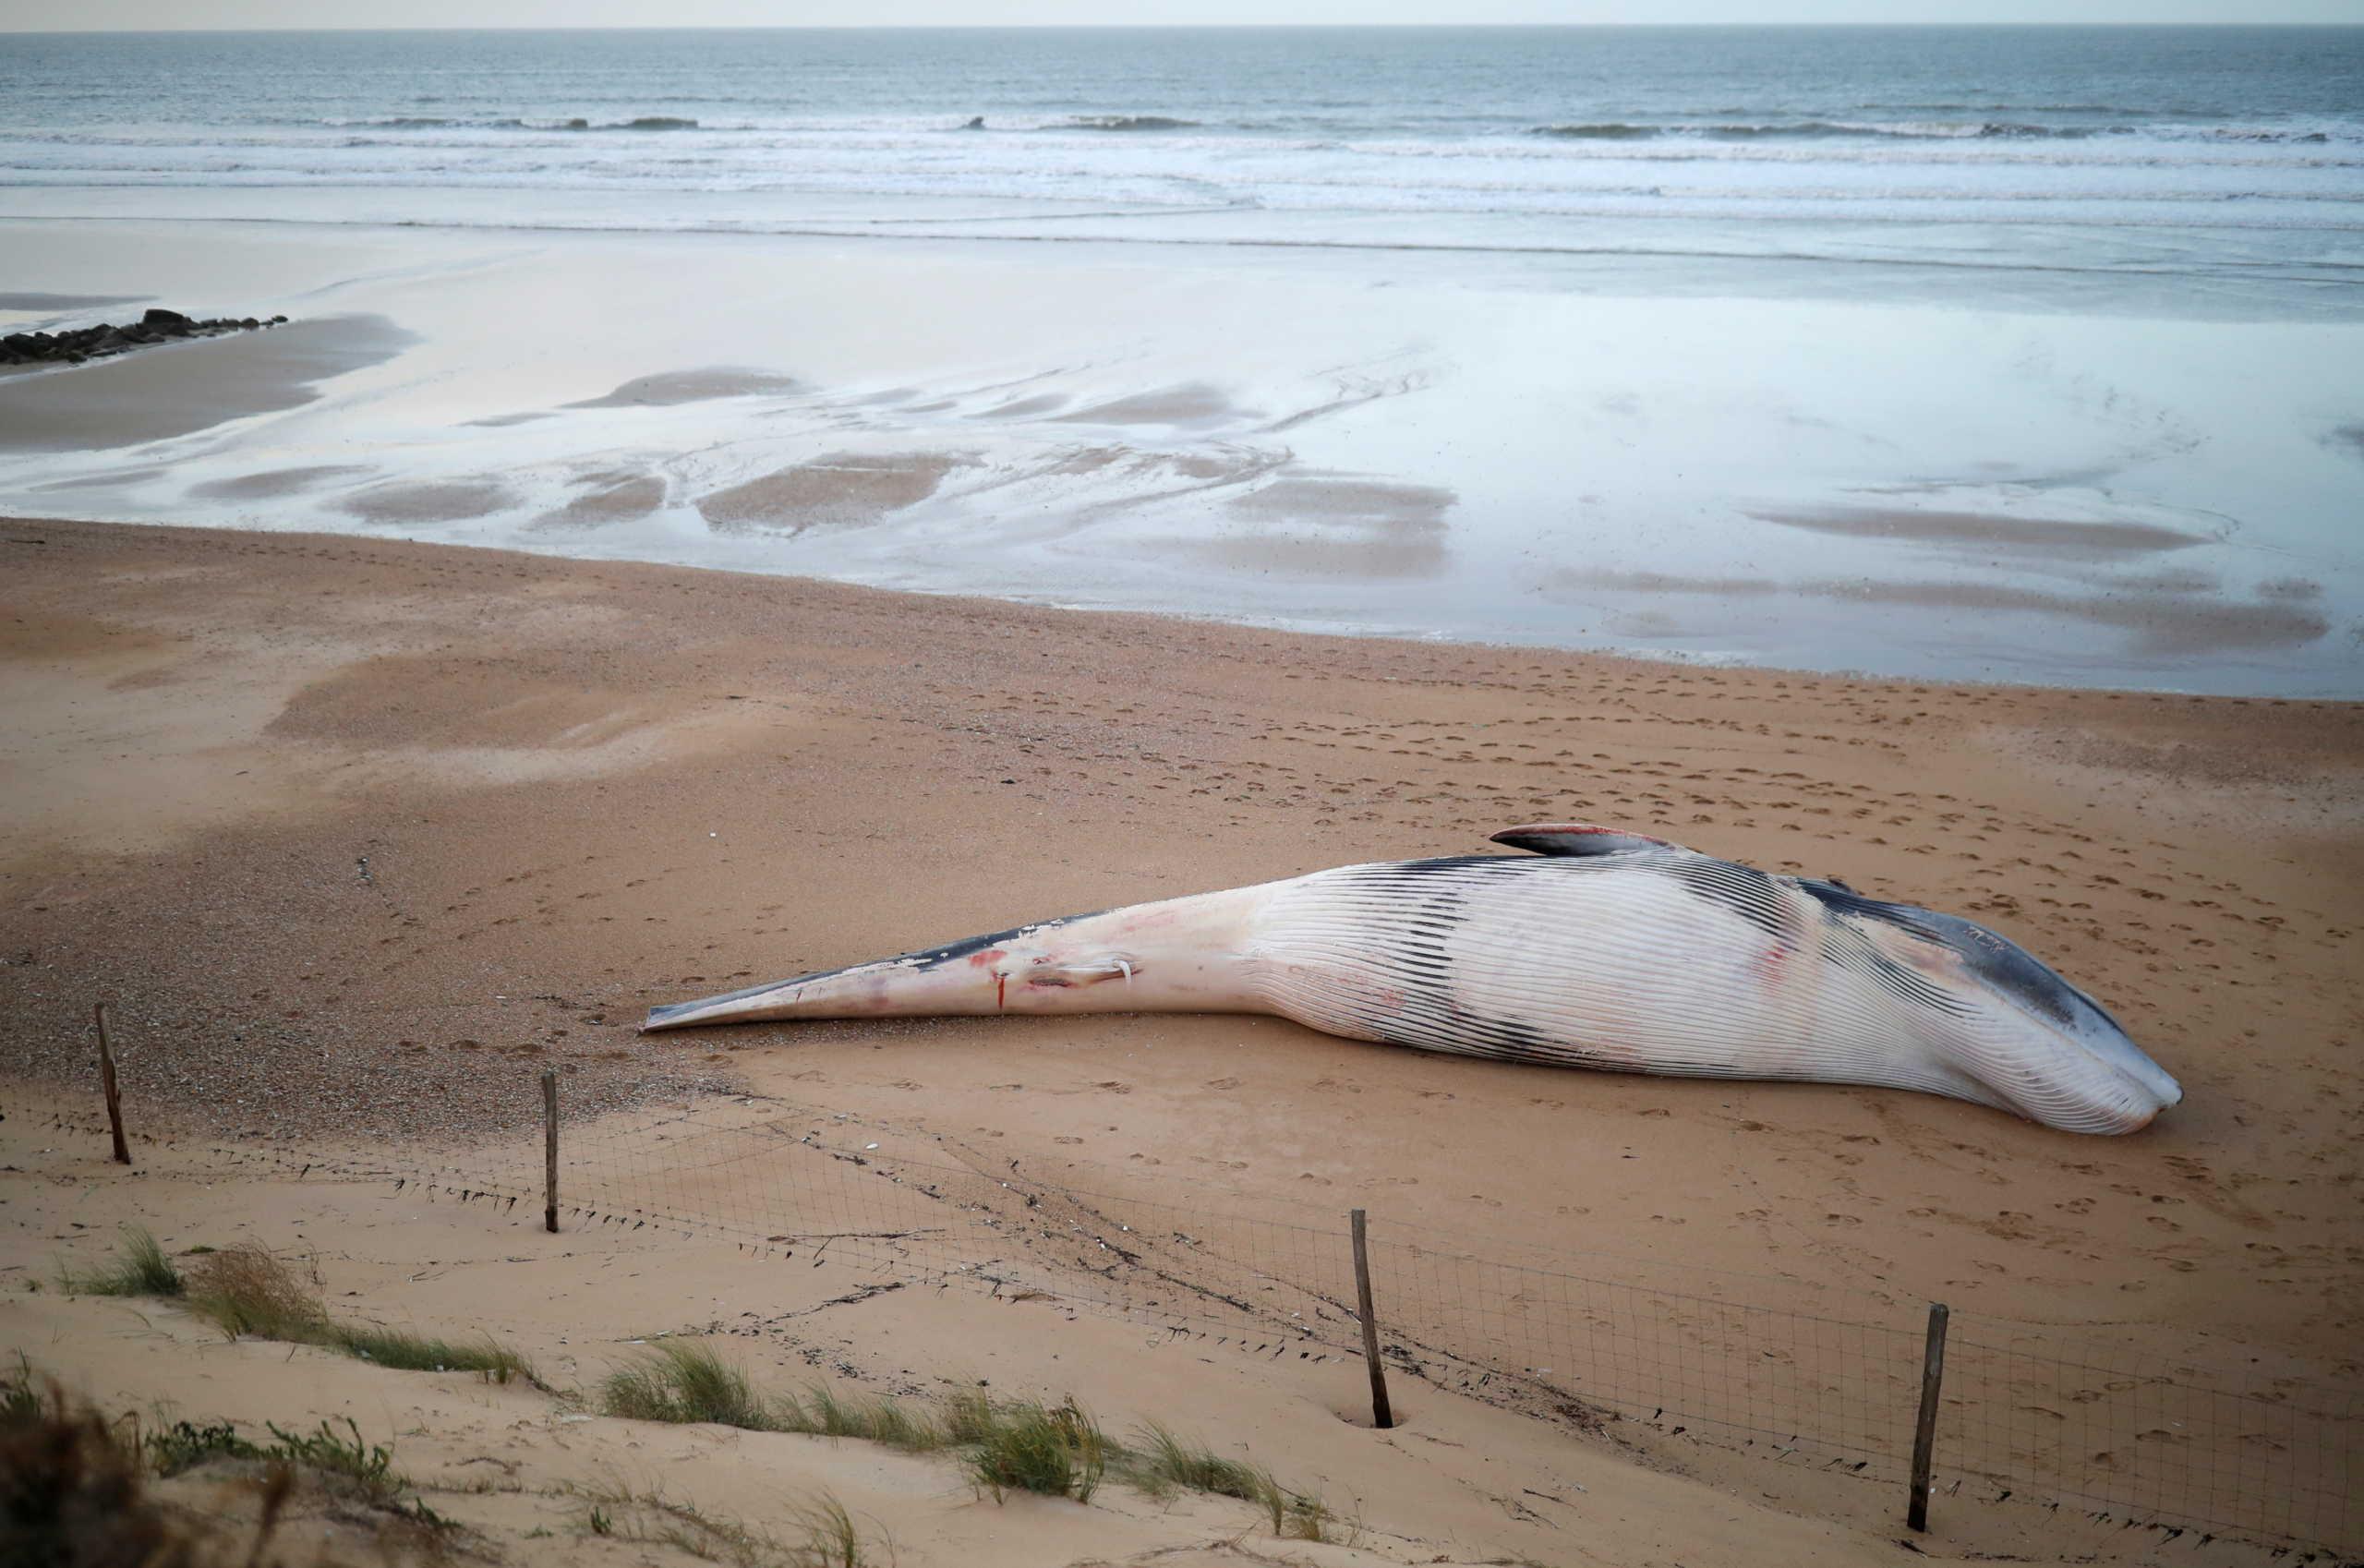 Νέα Ζηλανδία: Δεκάδες φάλαινες-πιλότοι ξεβράστηκαν σε ακτή – Τουλάχιστον 9 νεκρές